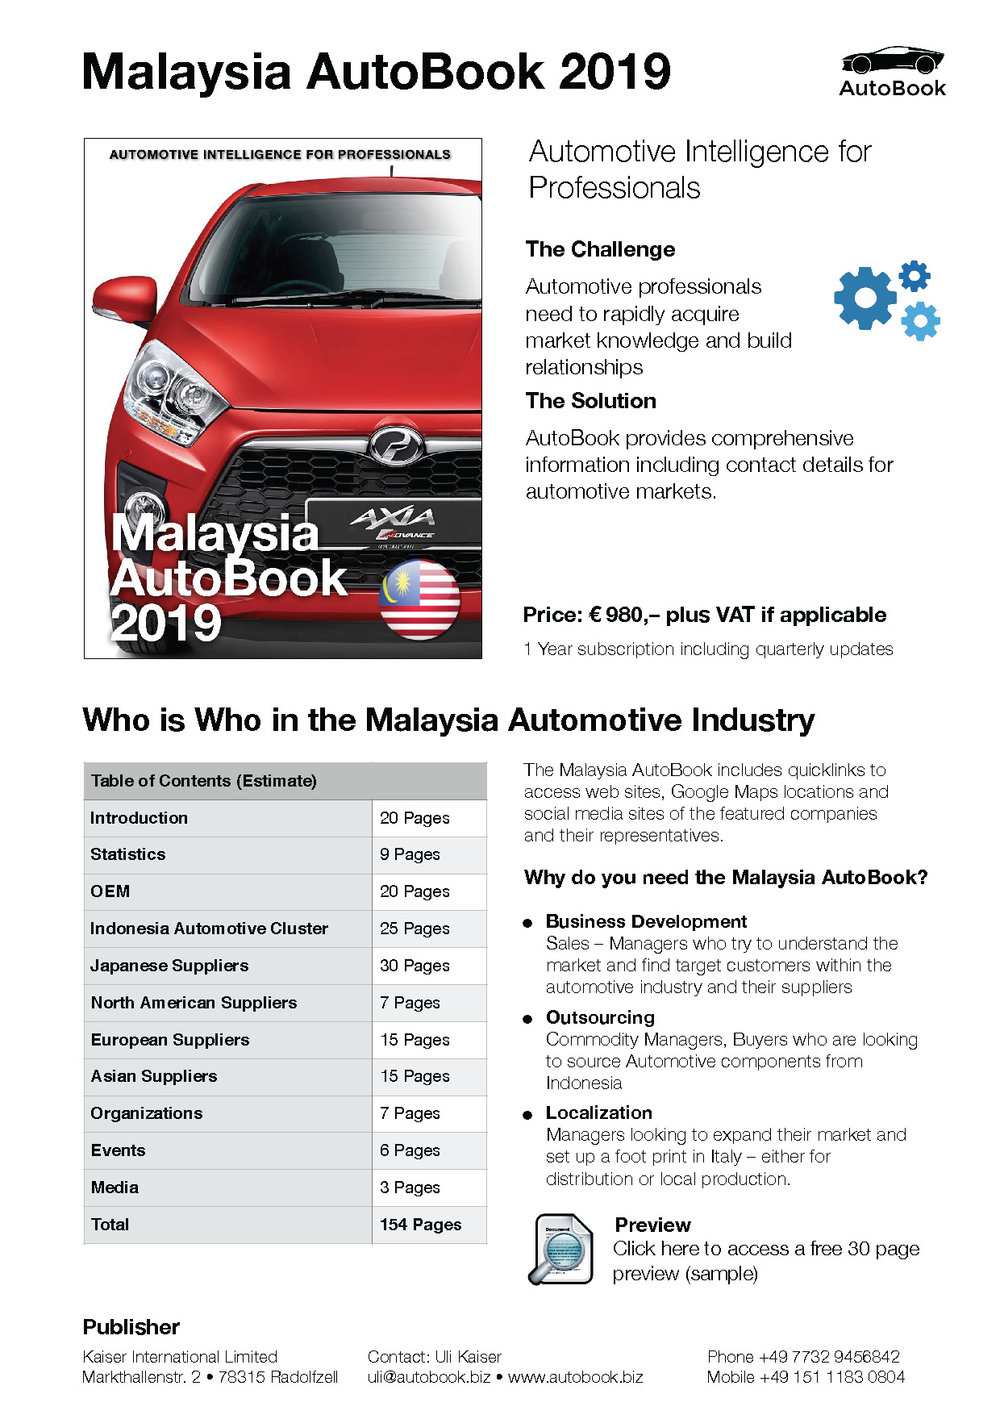 Malaysia AutoBook 2019 Datasheet.jpg